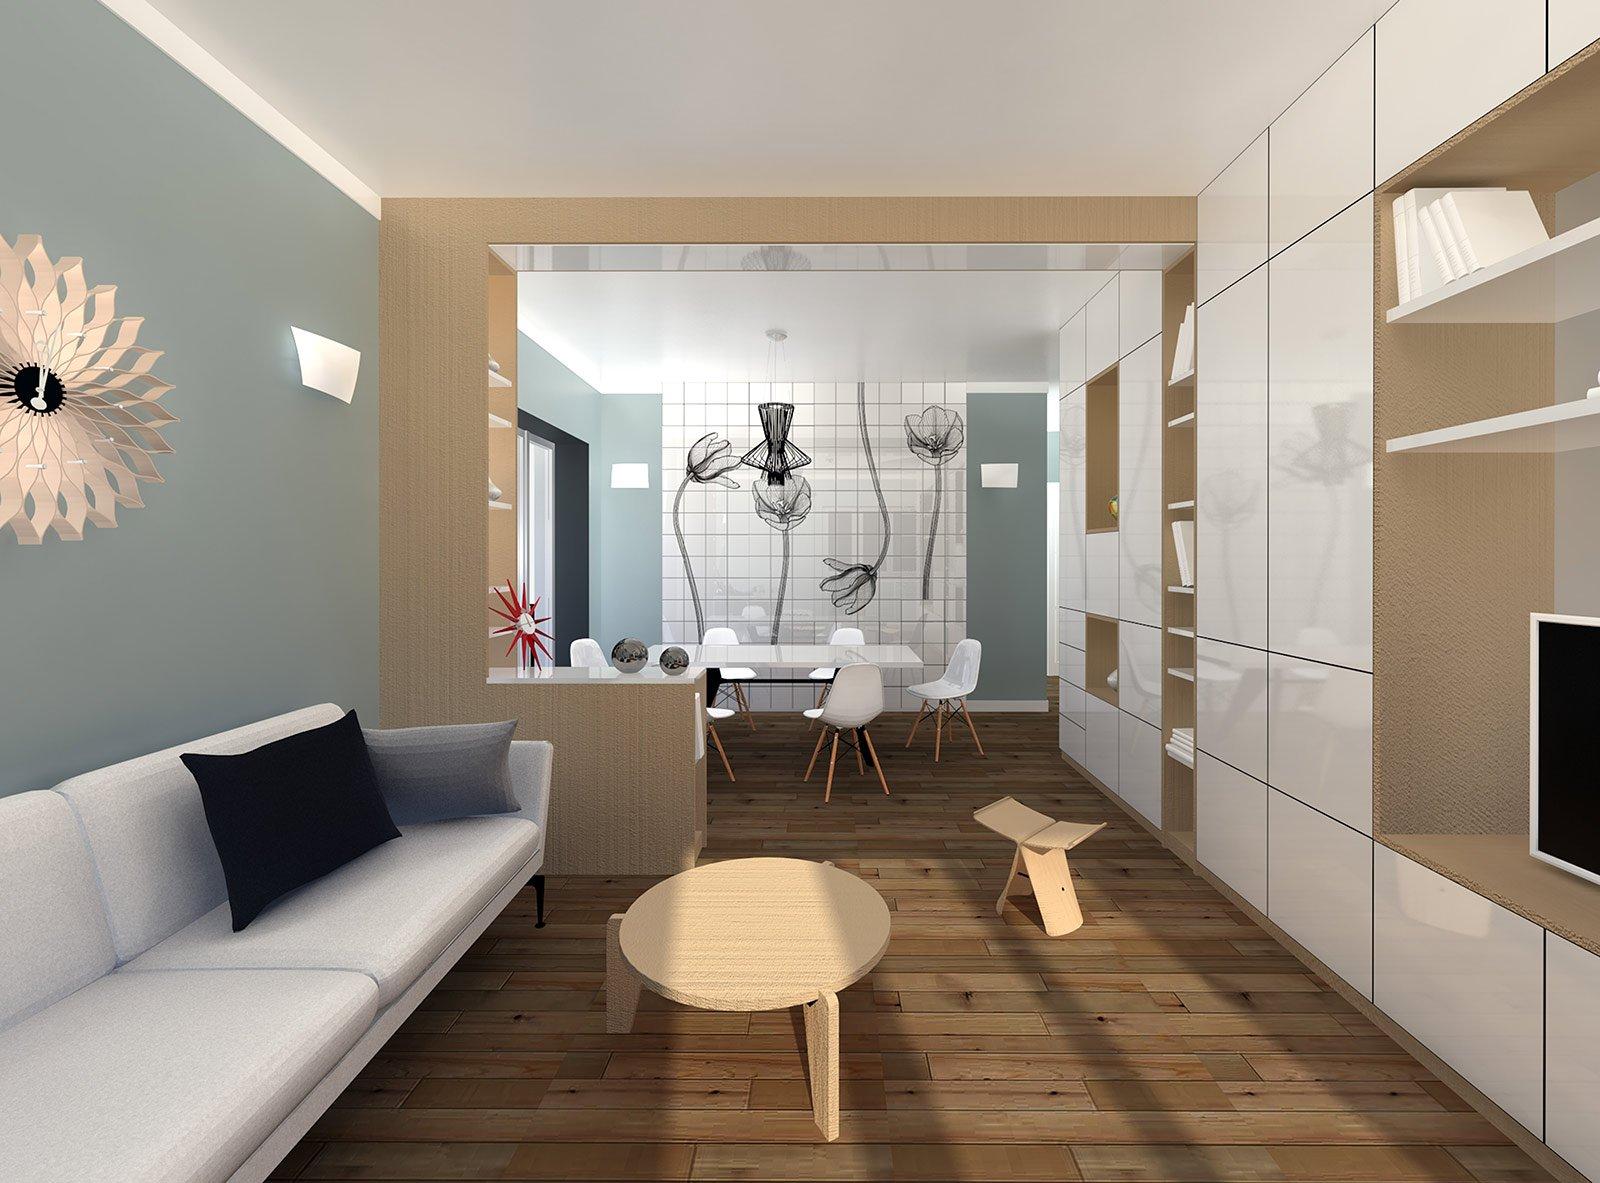 come arredare un soggiorno rettangolare con cucina | madgeweb.com ... - Come Arredare Un Soggiorno Rettangolare